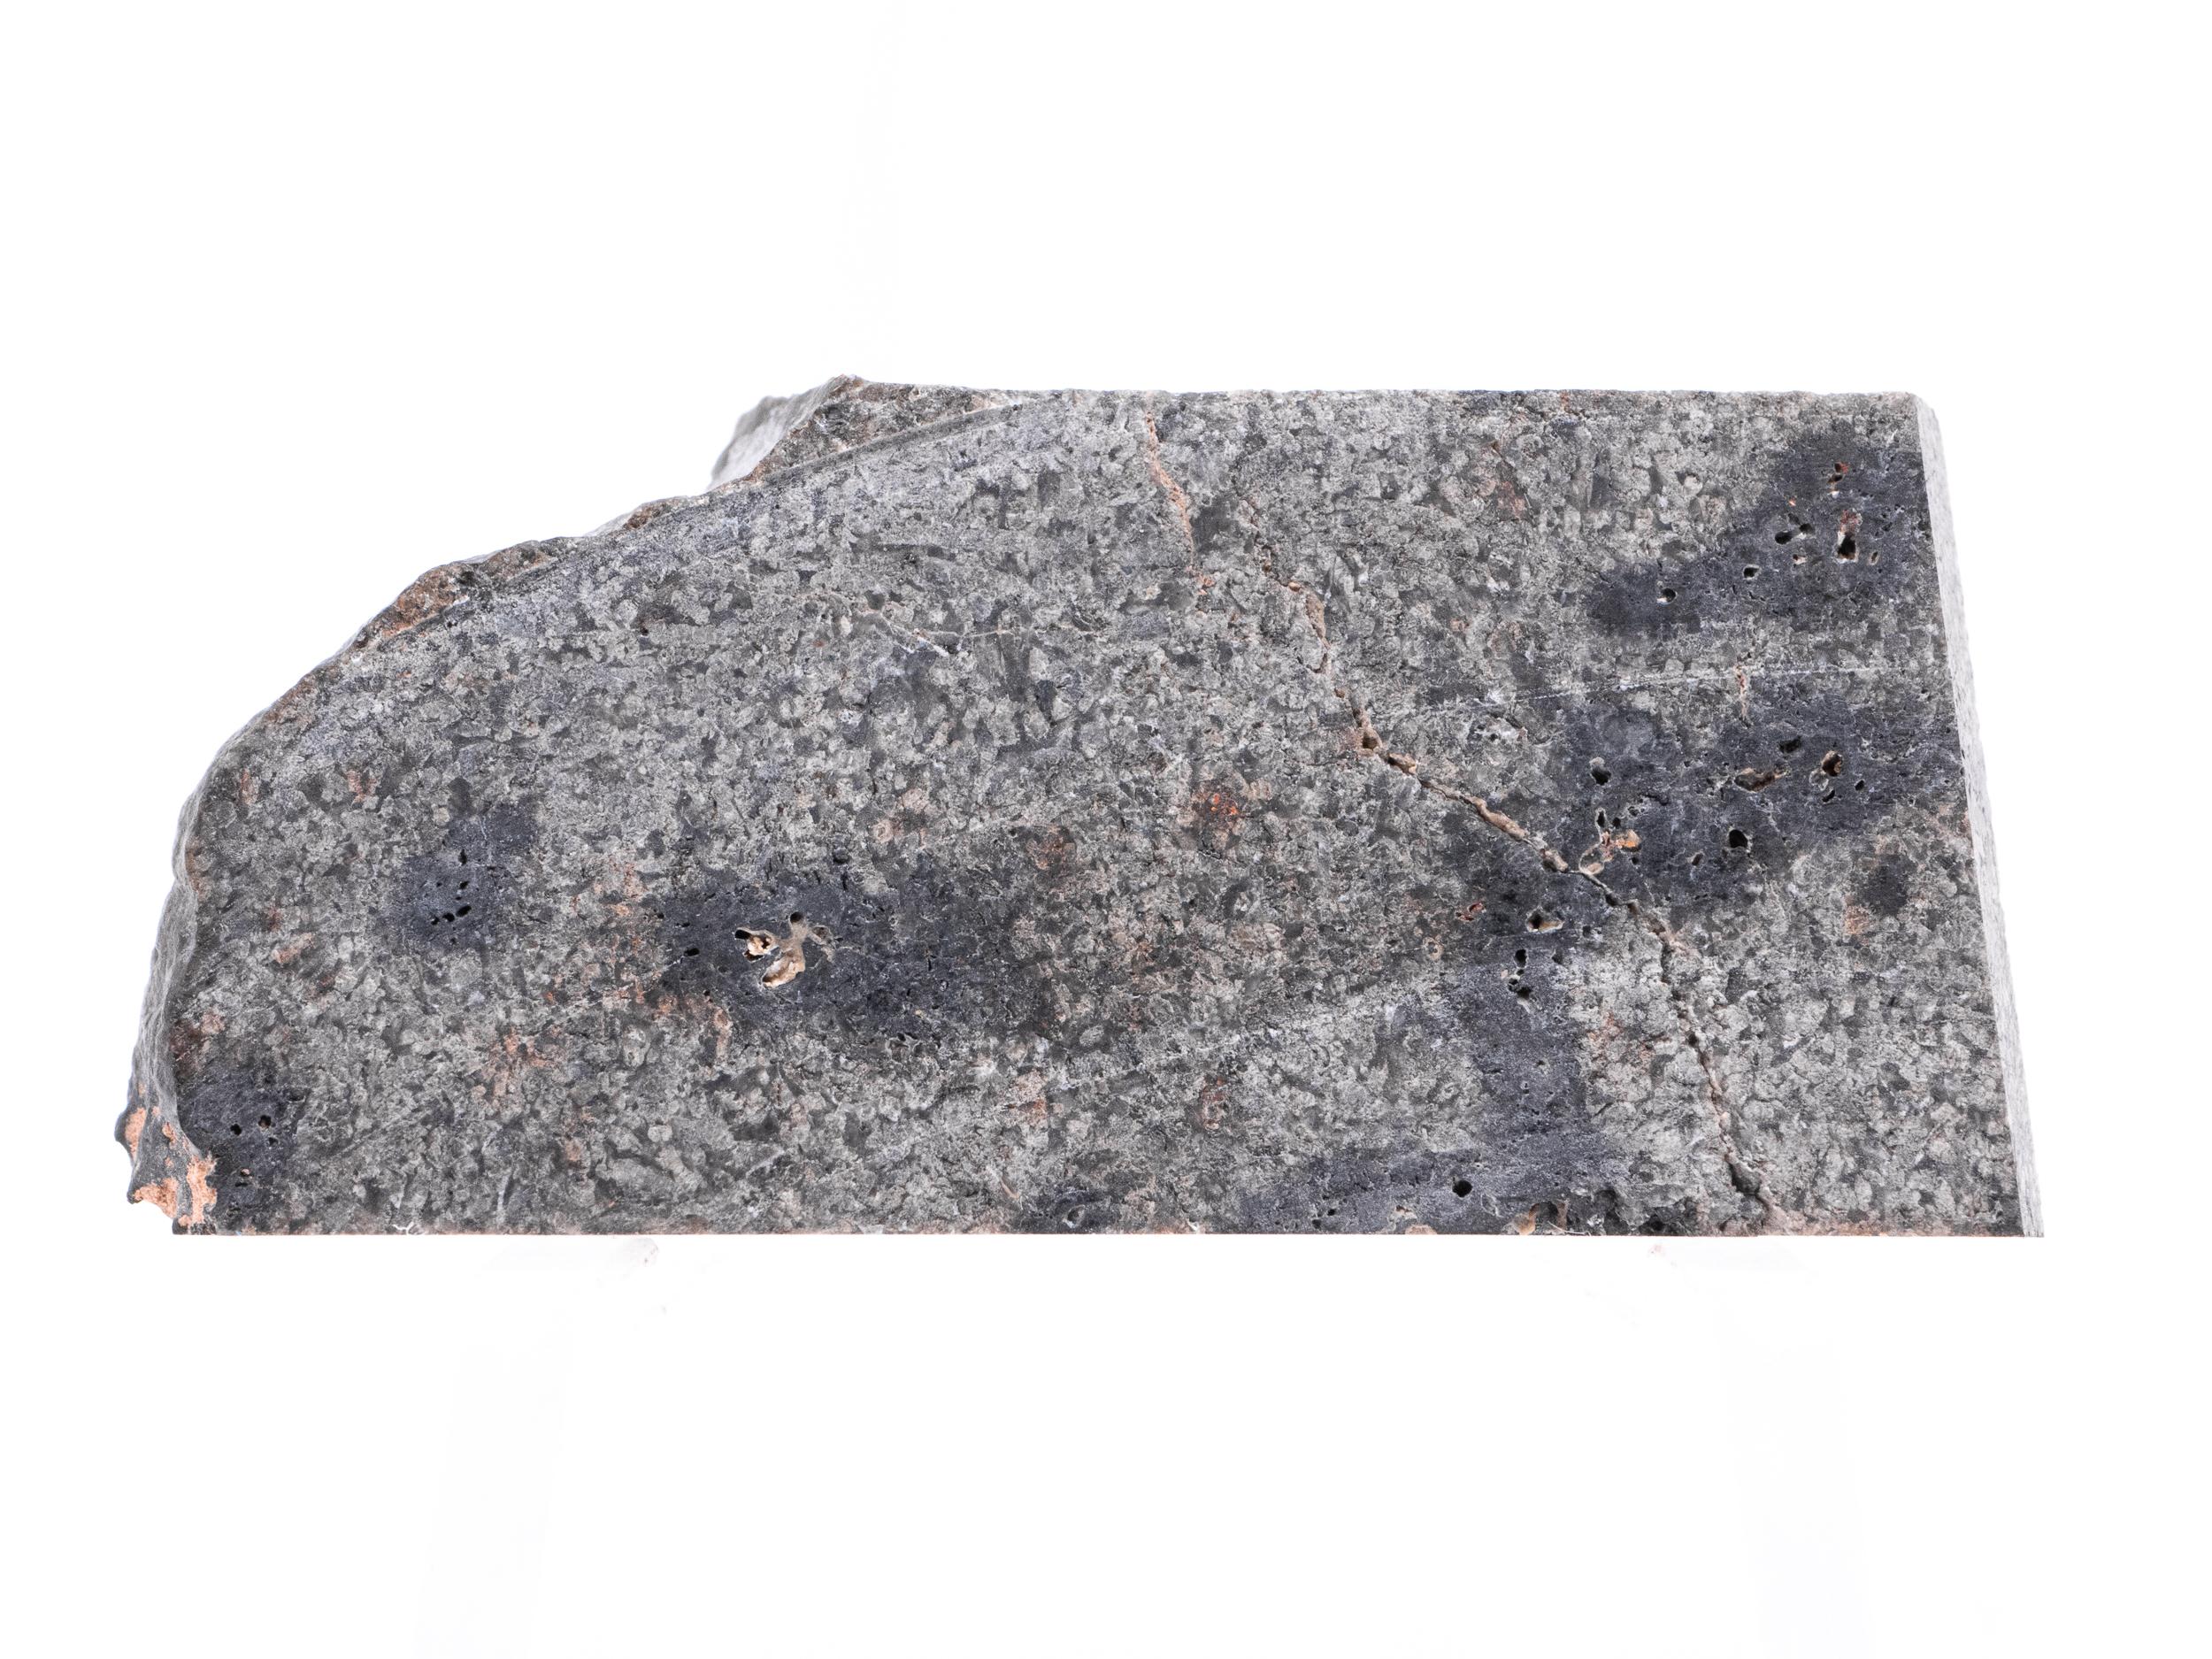 mars meteorite 2g